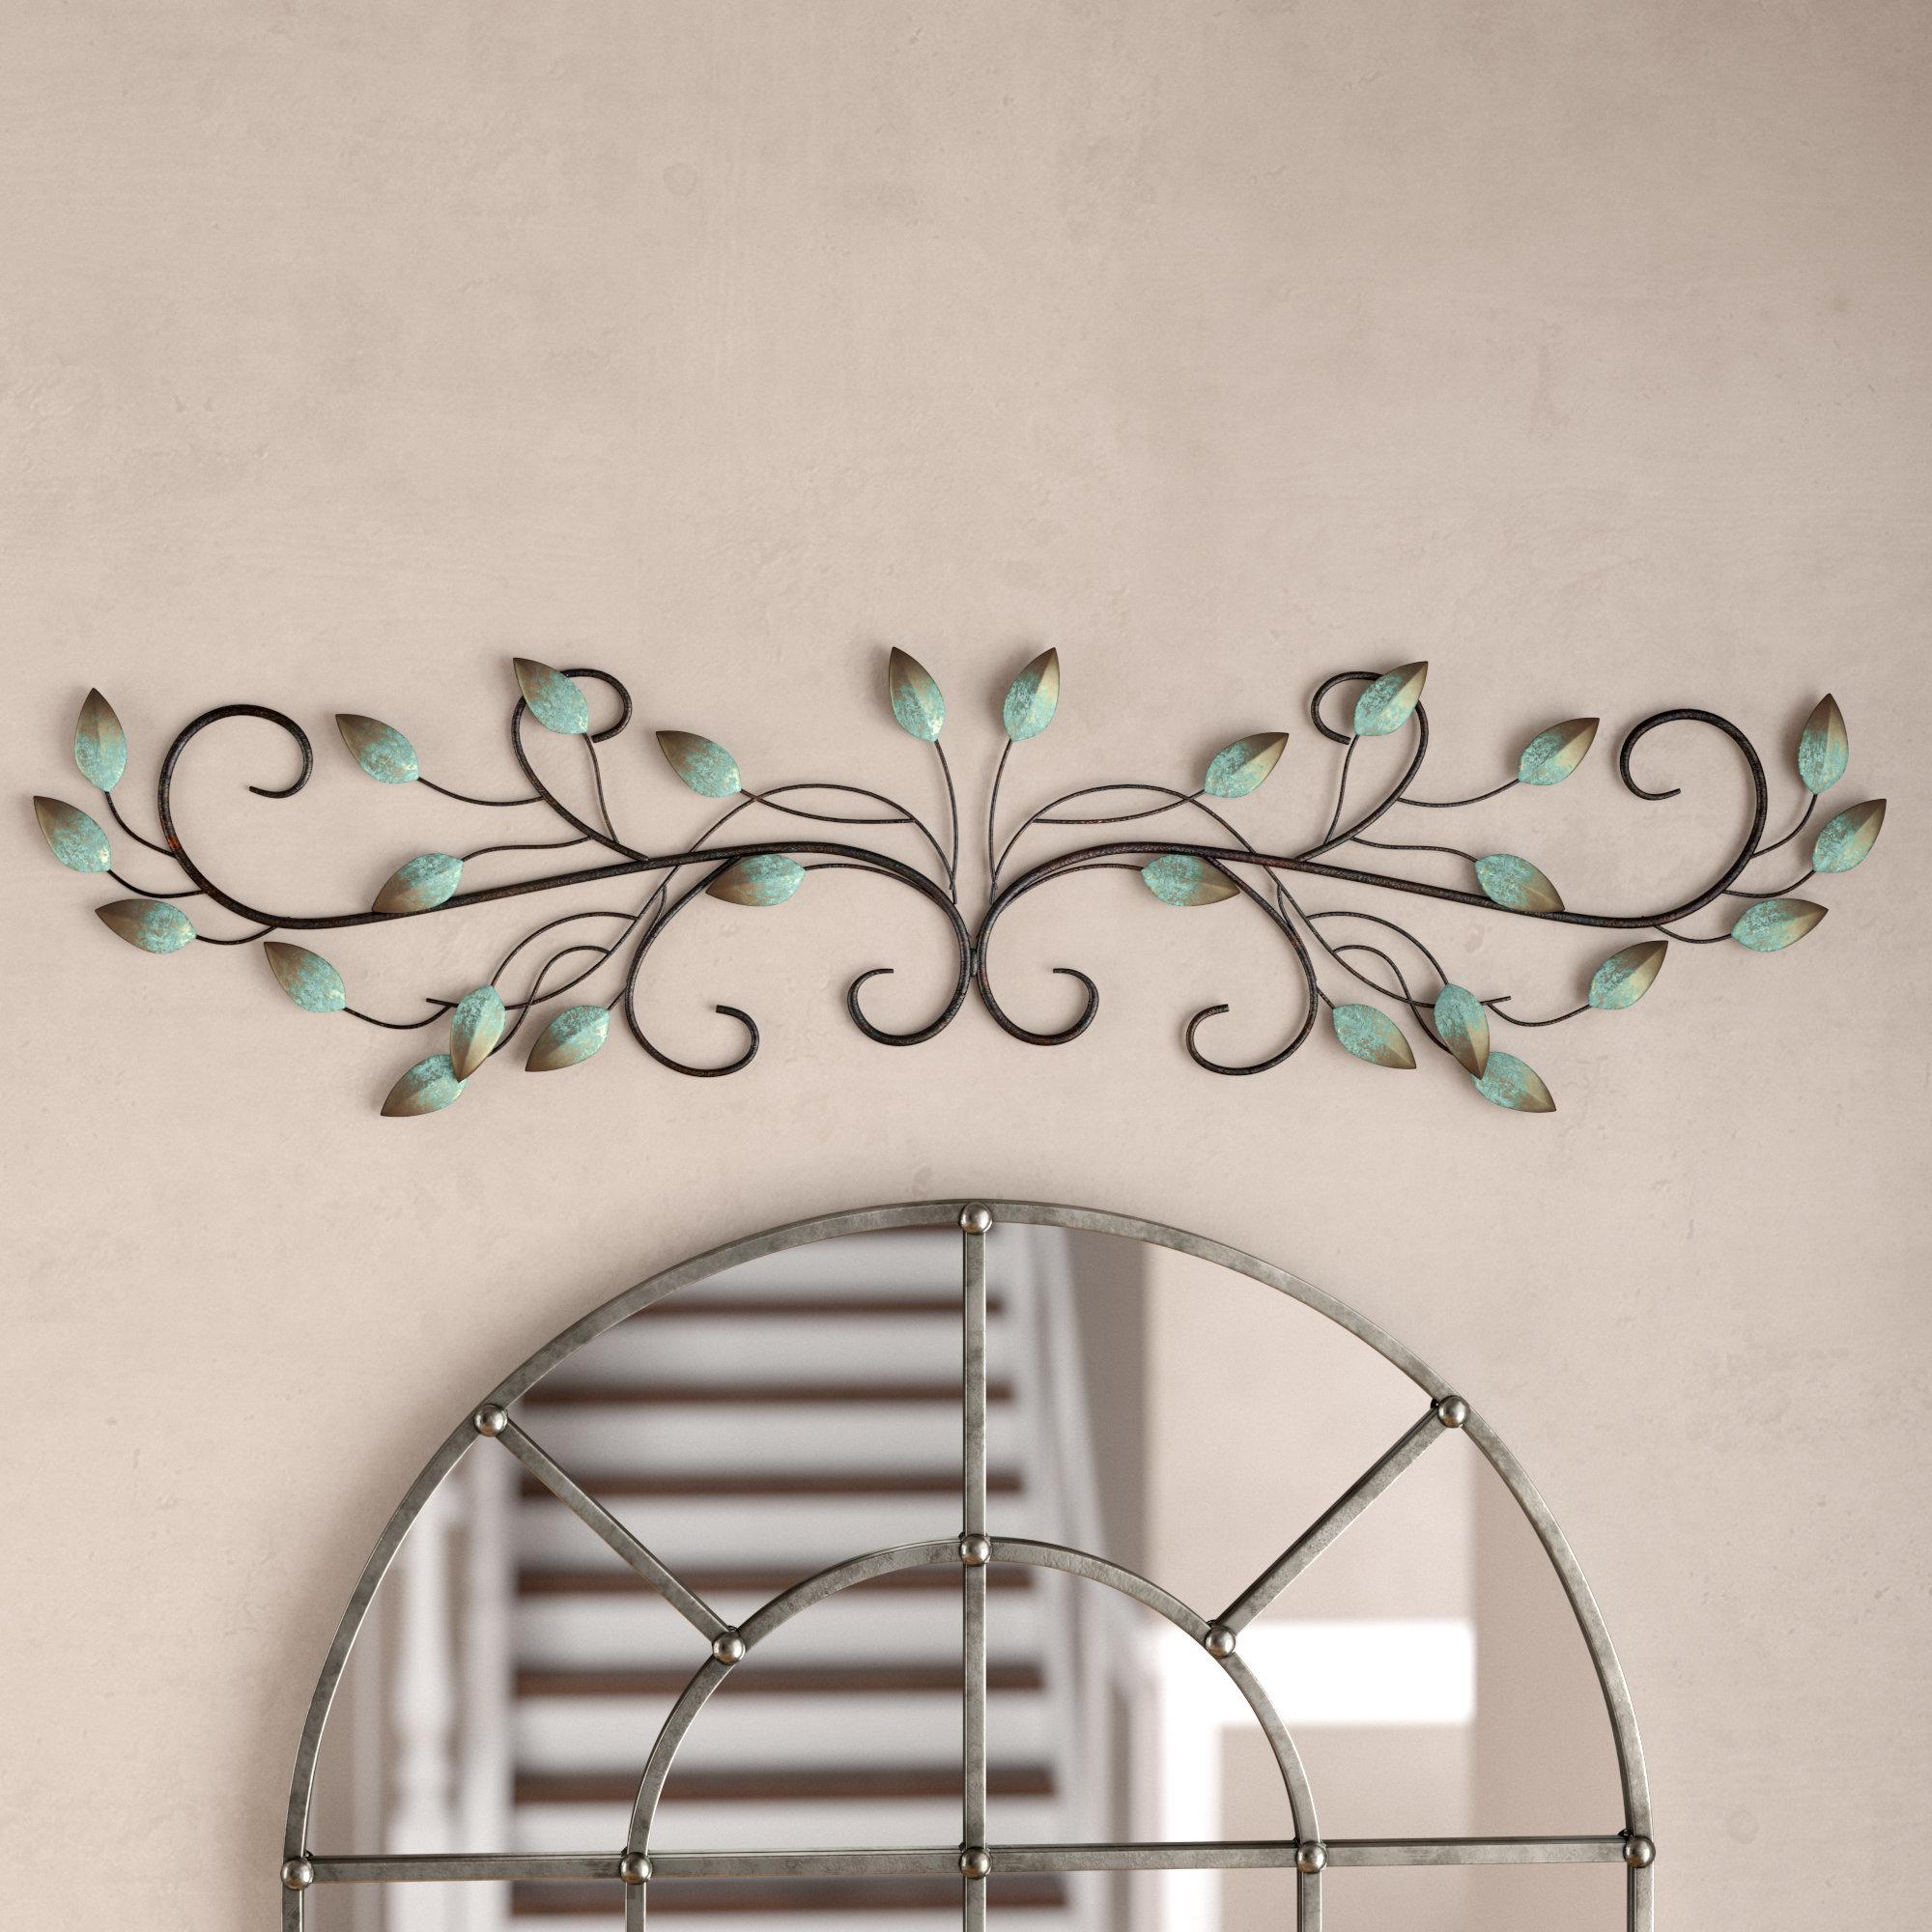 Scroll Leaf Wall Decor In Preferred Fleur De Lis Living Scroll Leaf Wall Décor & Reviews (Gallery 1 of 20)